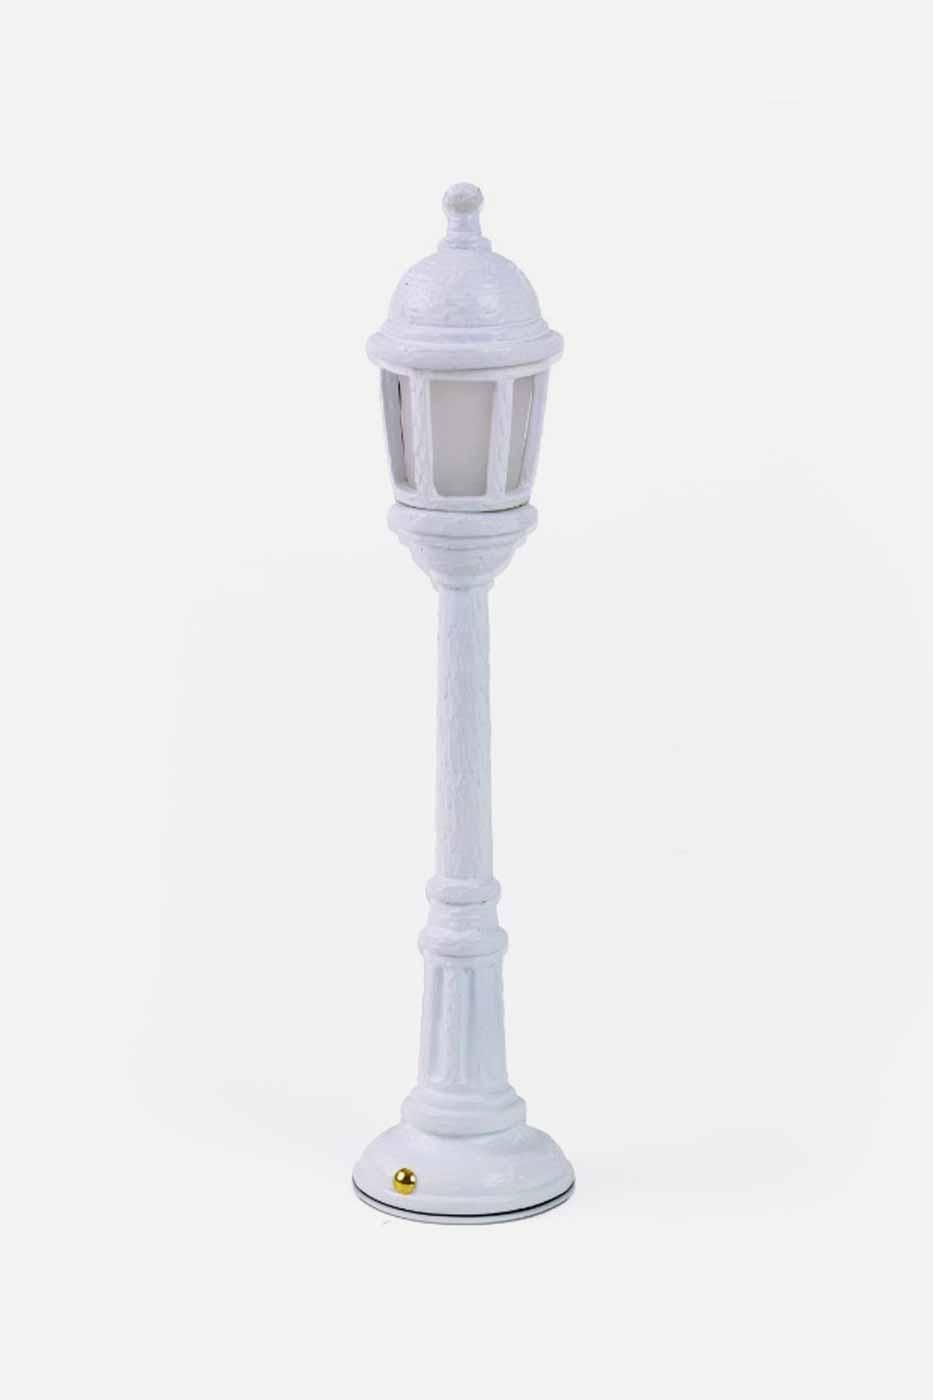 Bordslampa Street lamp vit